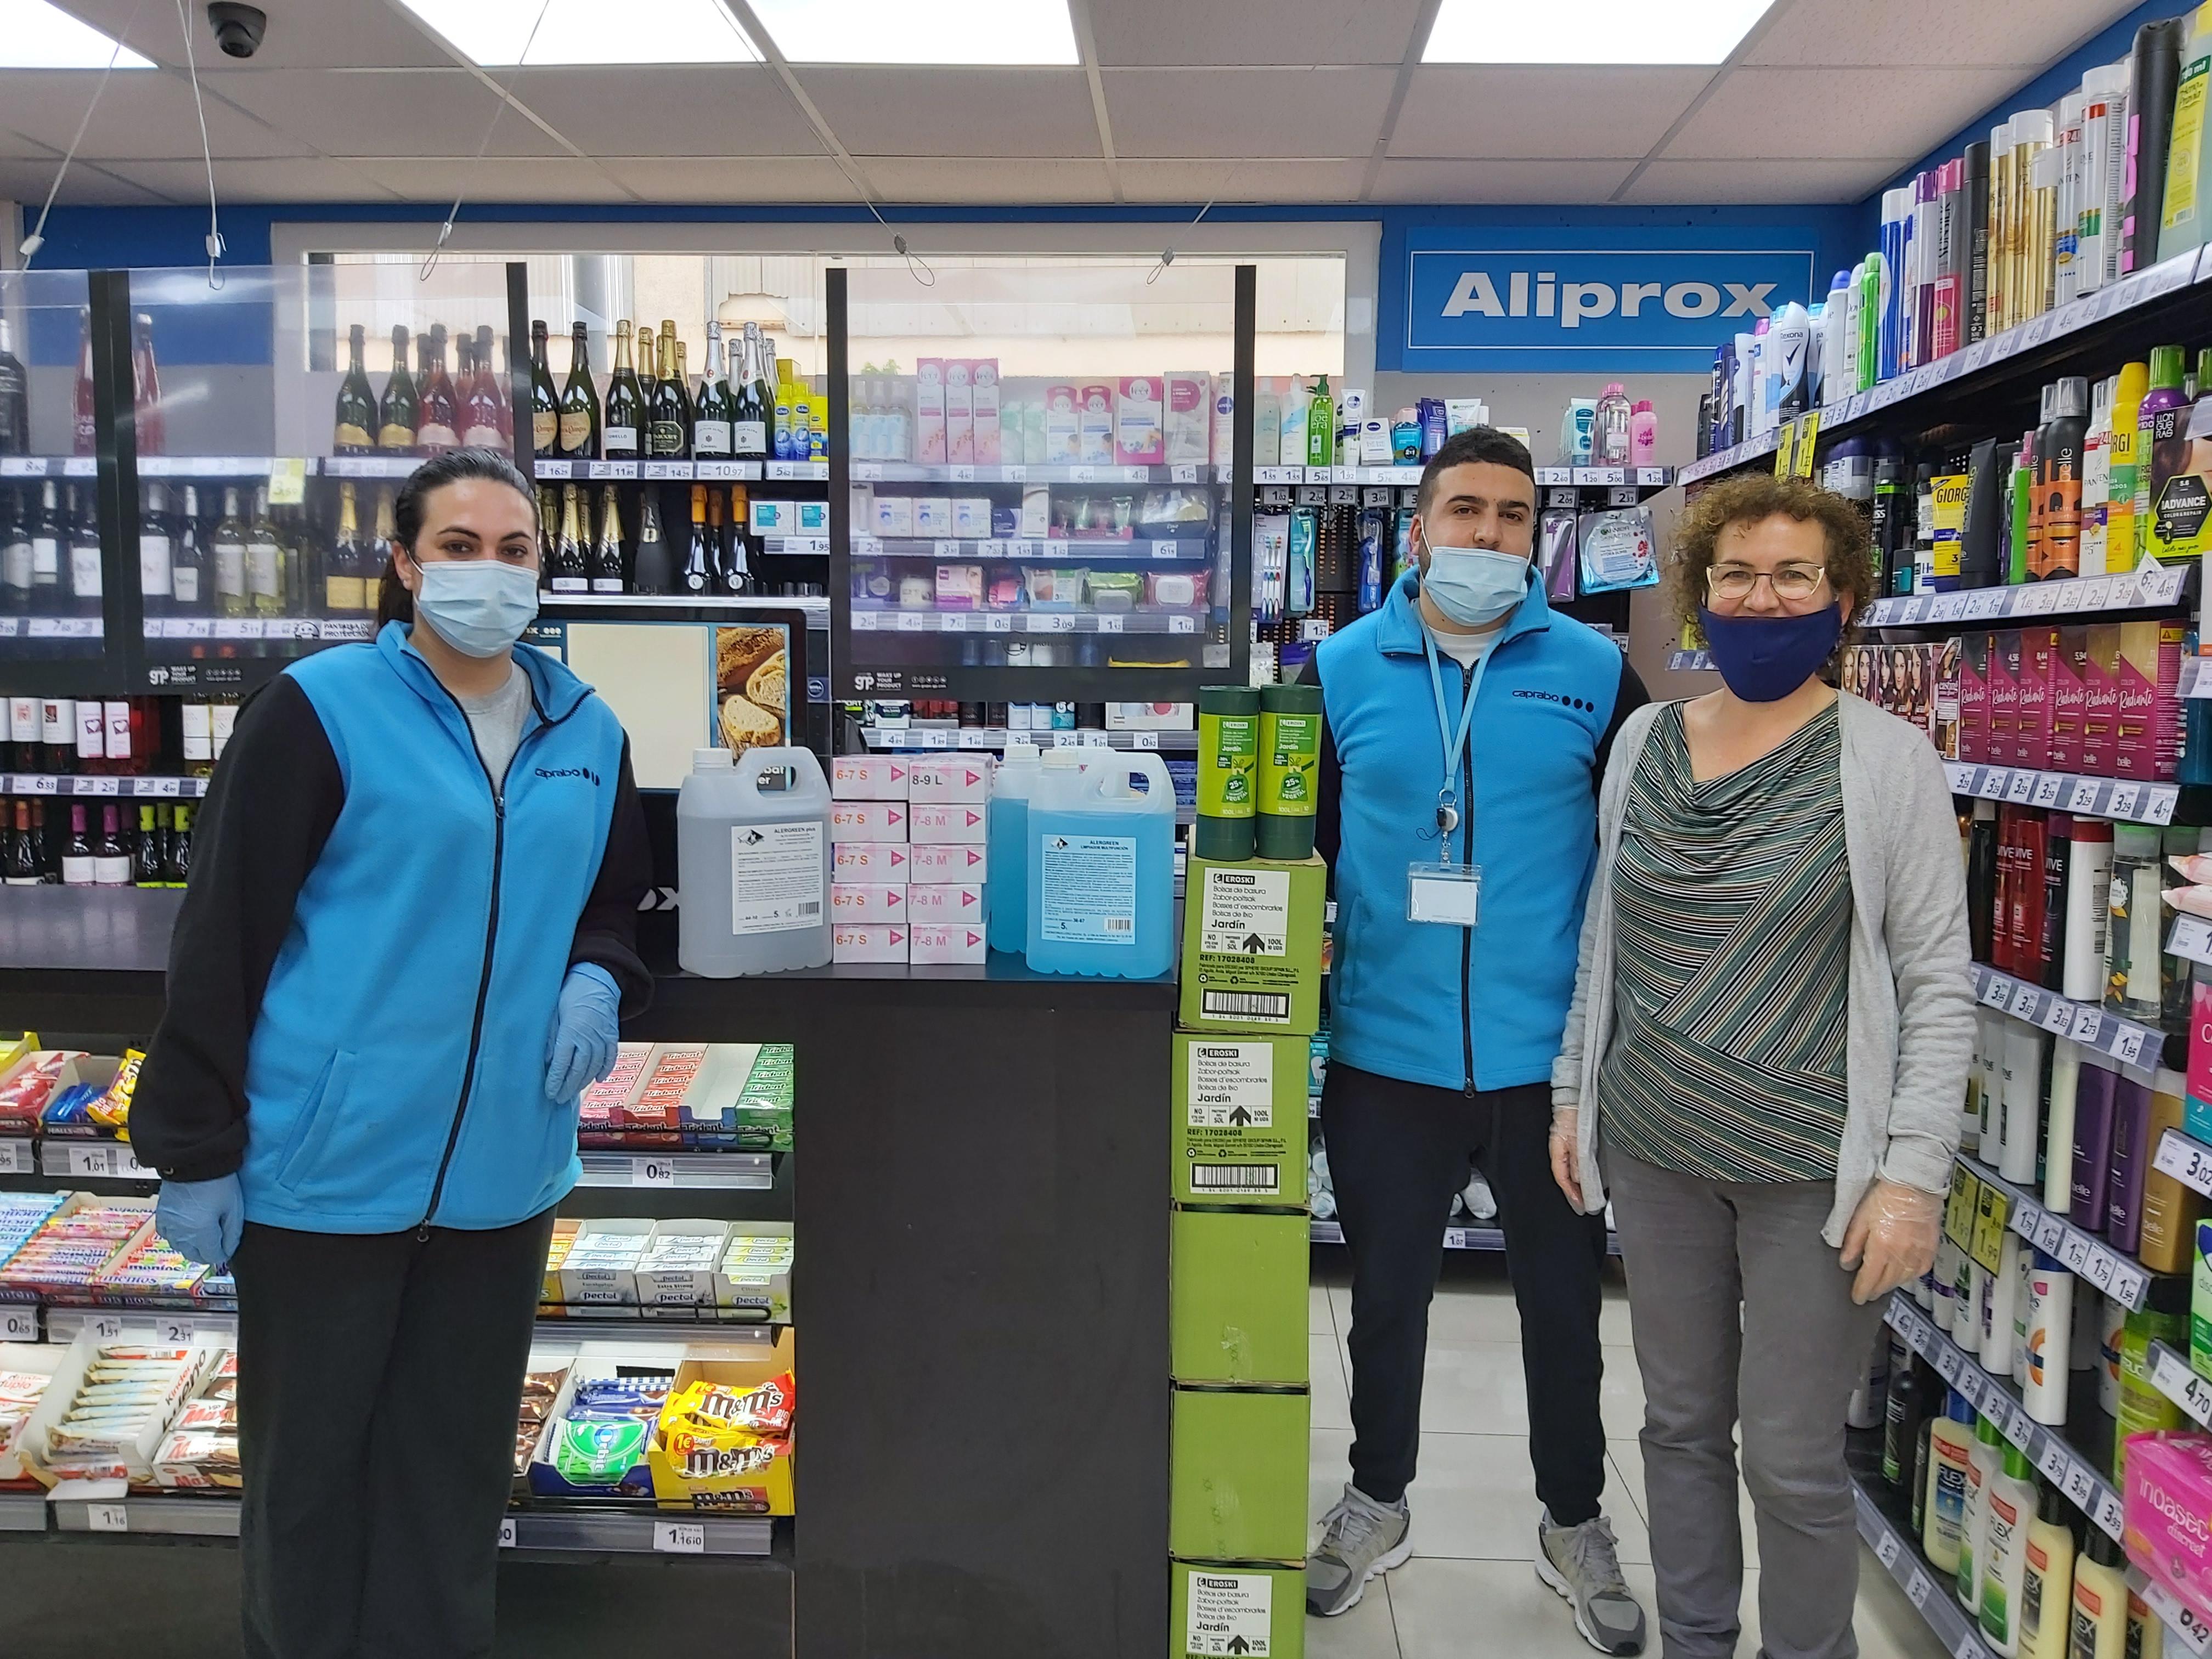 Agraïment al supermercat Aliprox de la Bisbal del Penedès per haver fet una donació de material de protecció i desinfecció